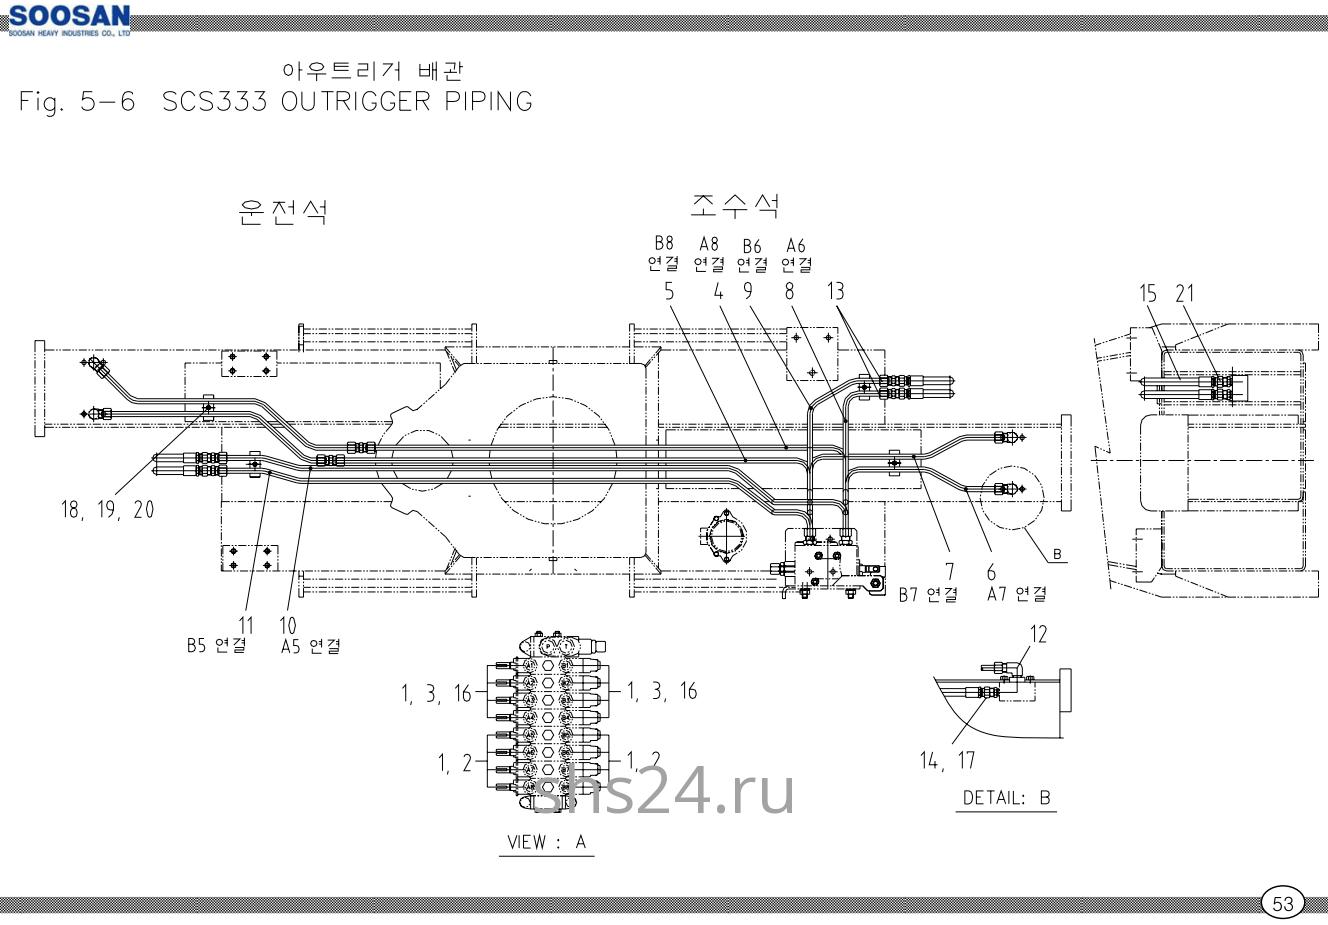 Схема подключения аутригеров Soosan scs333,334,335